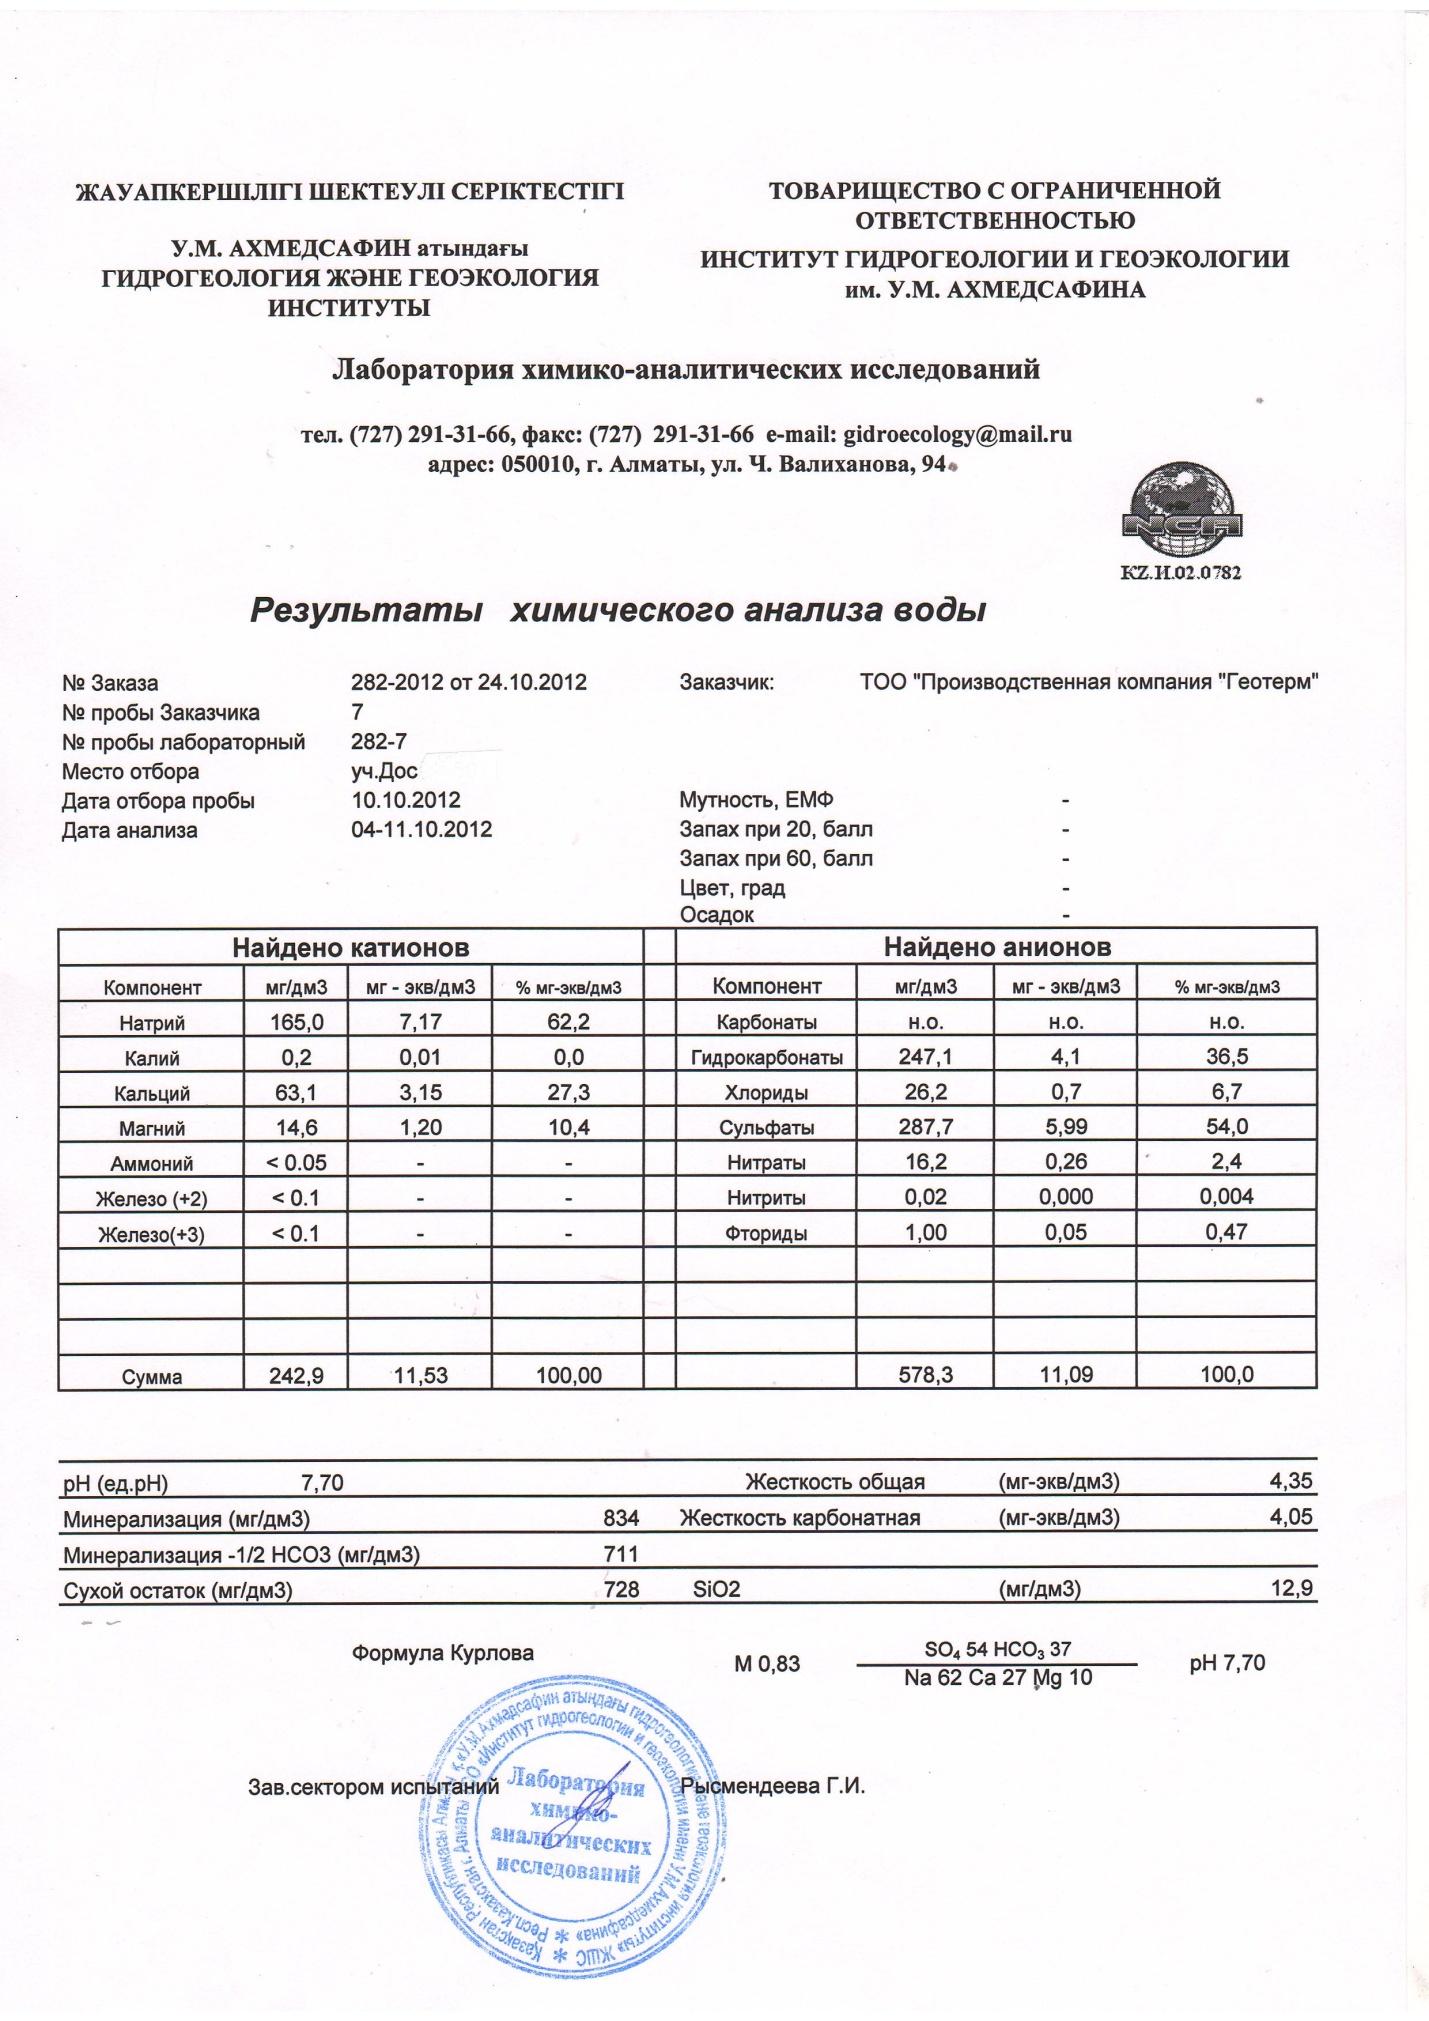 Химический анализ воды: методики проведения и цены. Где 33